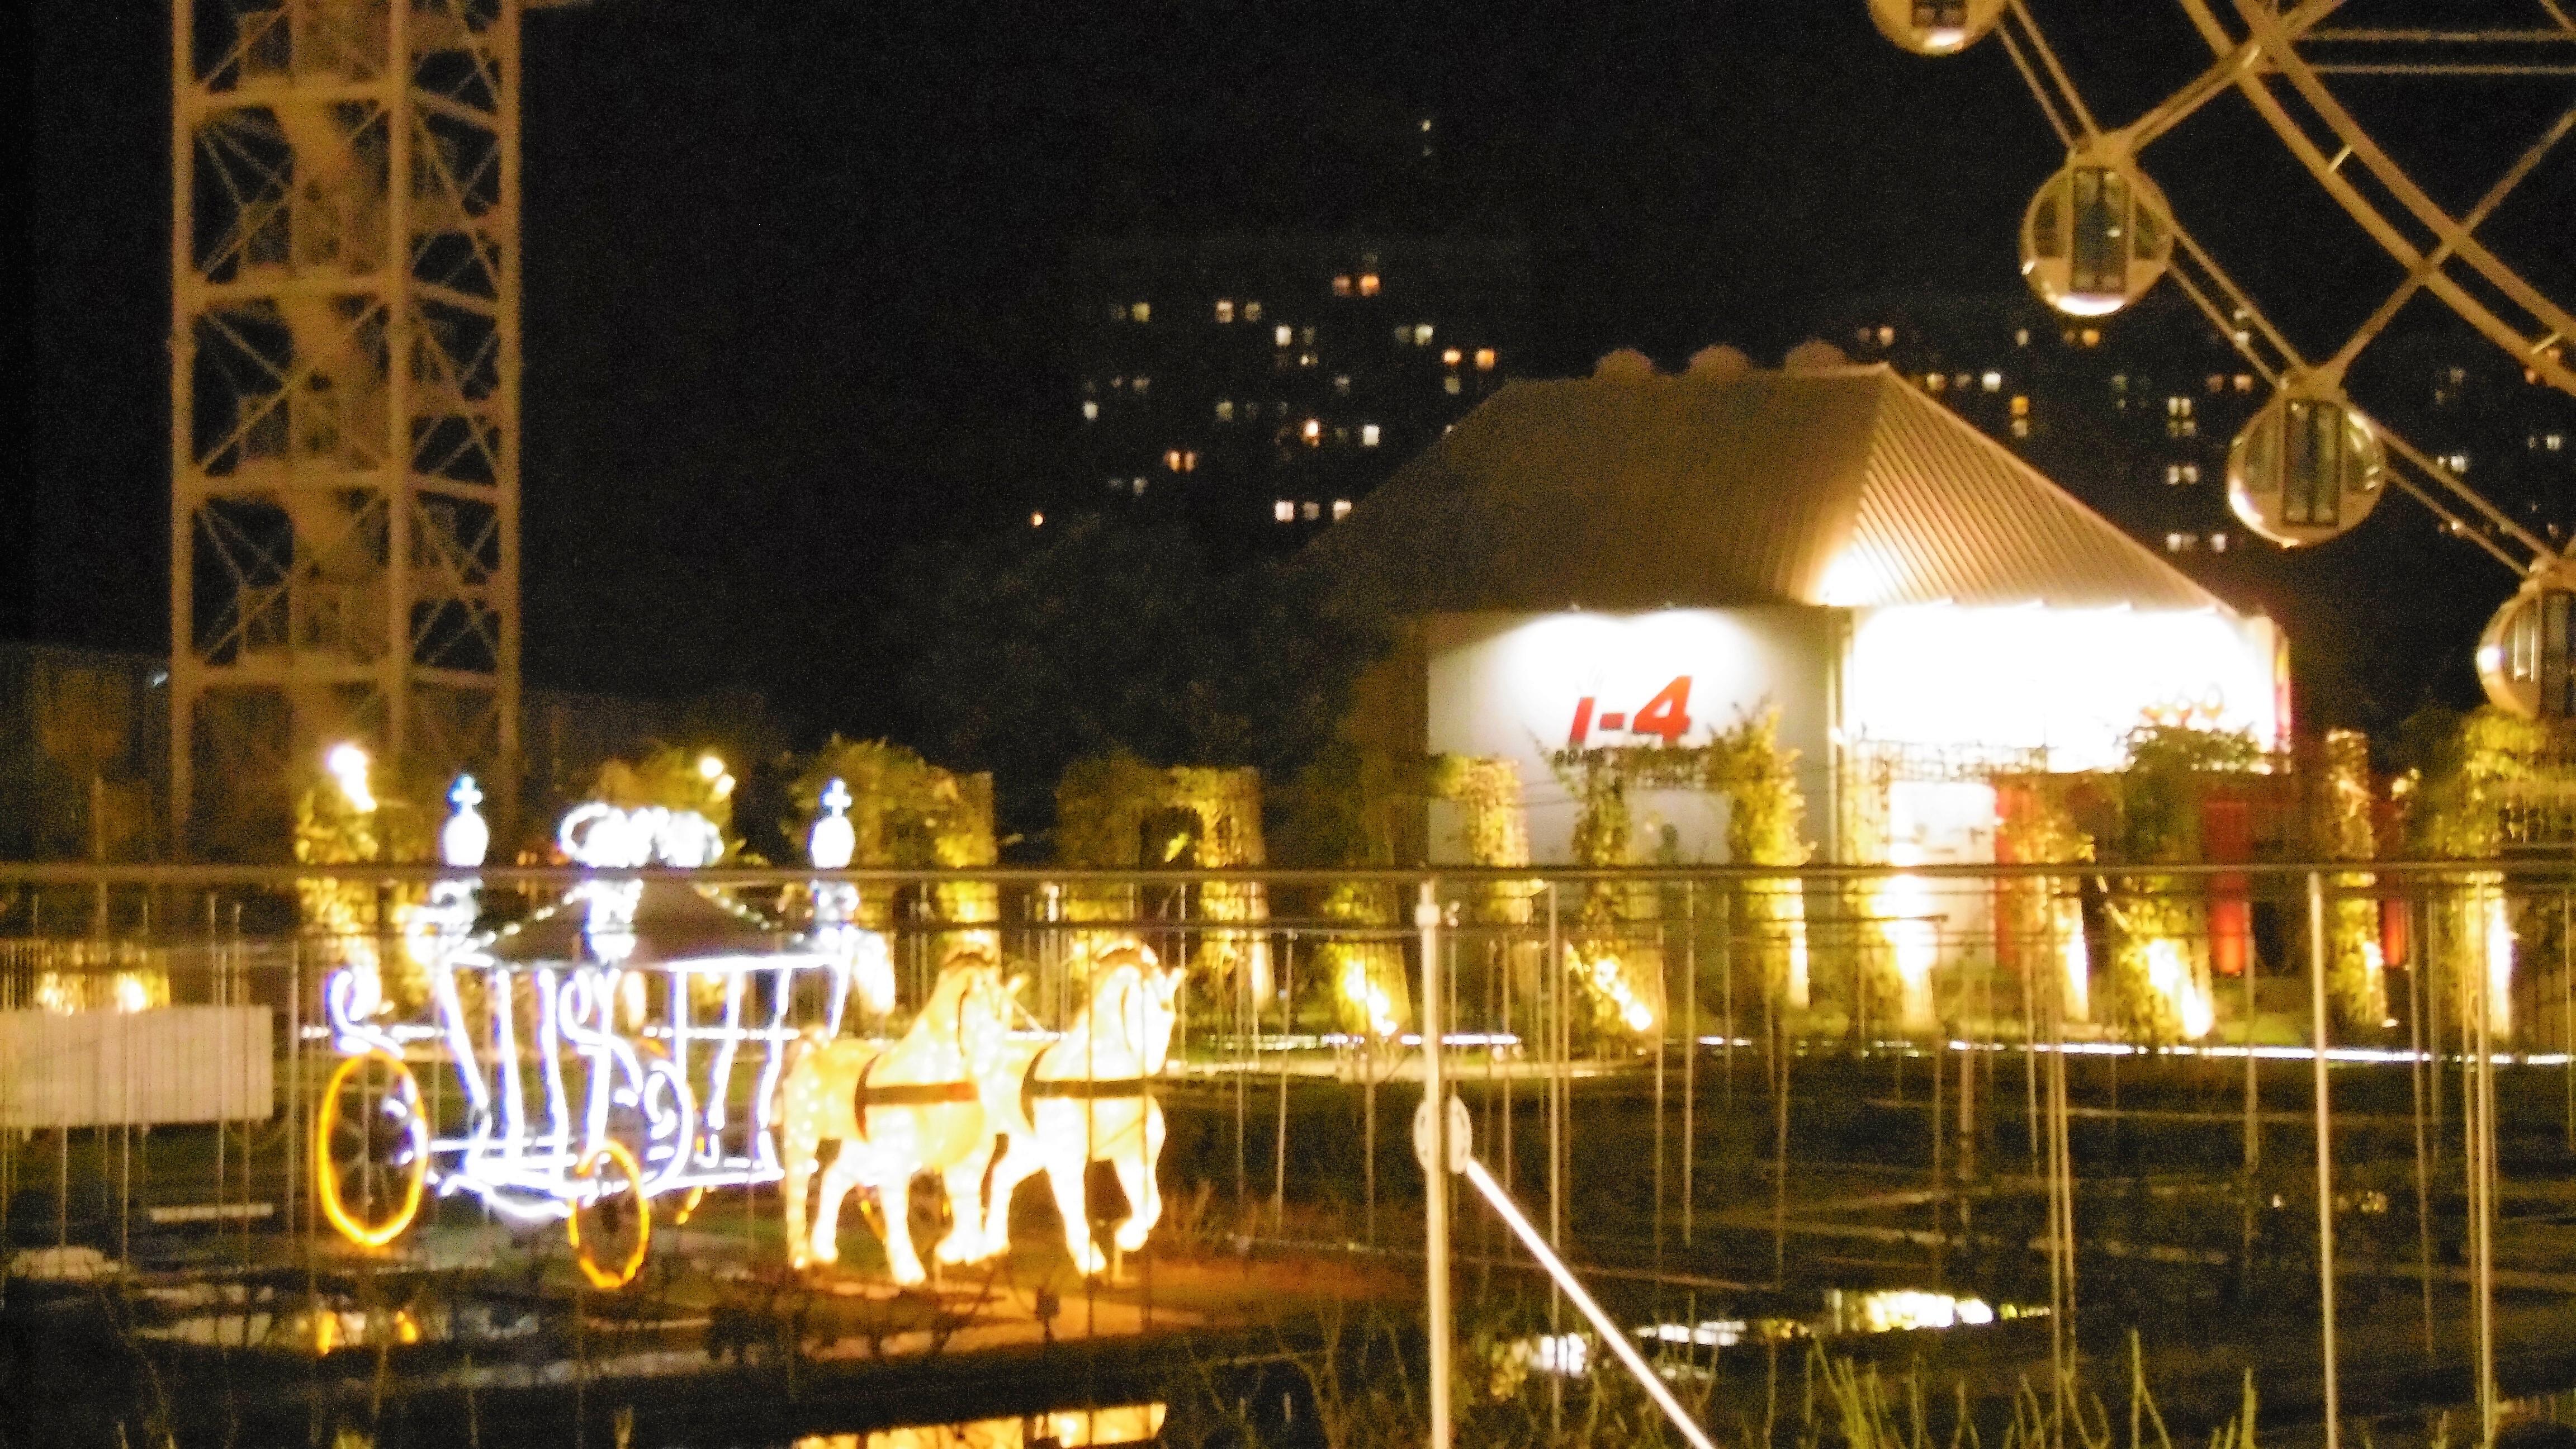 ハウステンボス 光の王国の回り方 アートガーデン